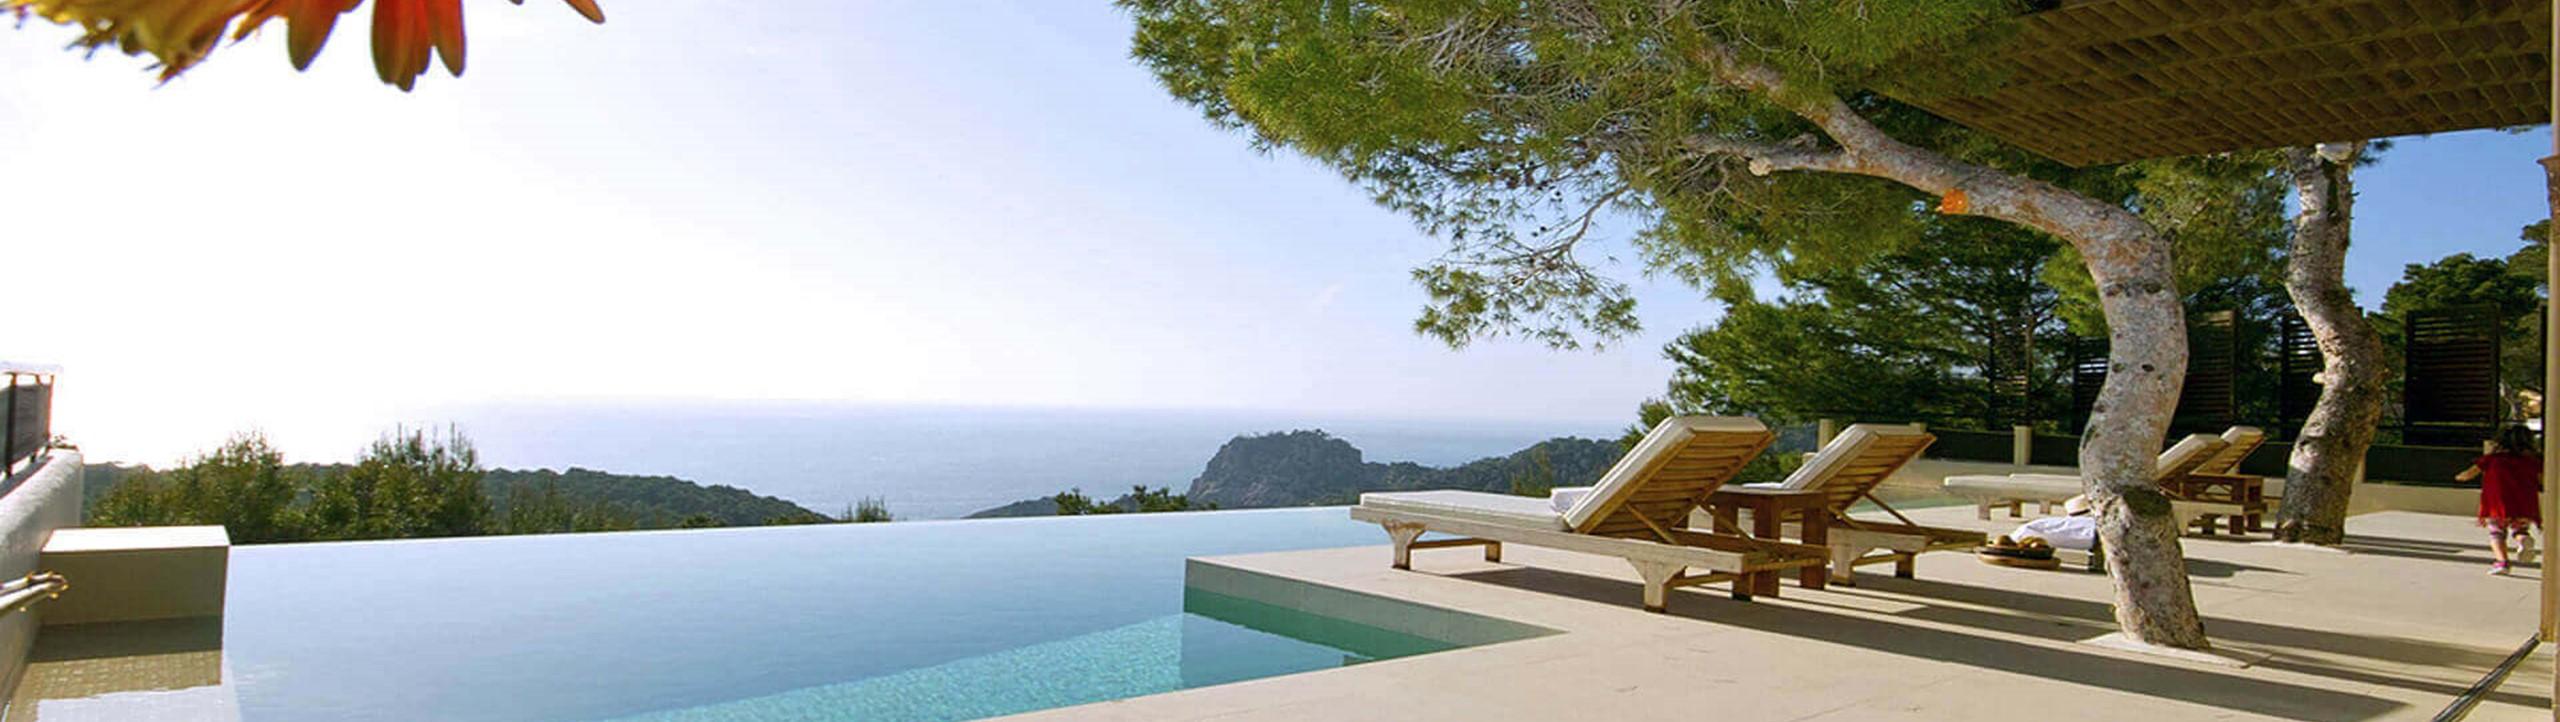 Villa Mint Ibiza 1 Cala Salada